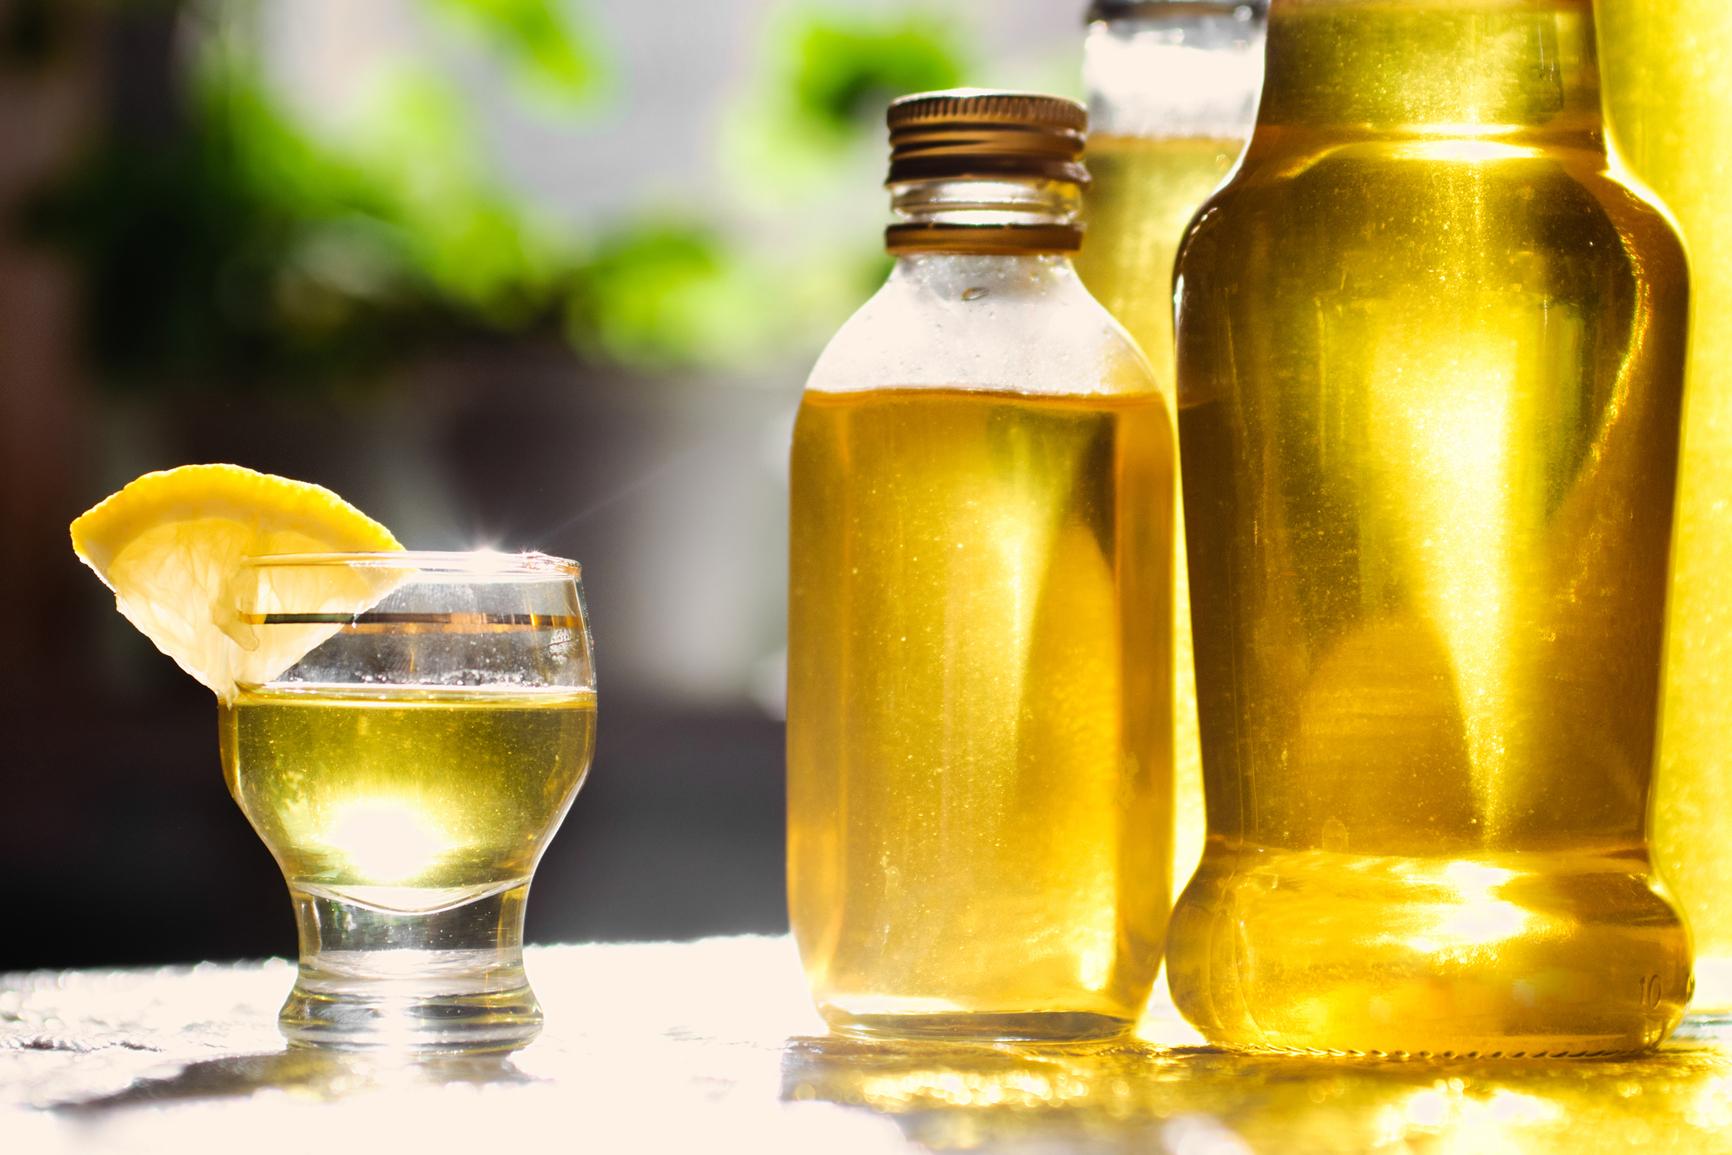 Цитрусовая настойка на спирту в домашних условиях